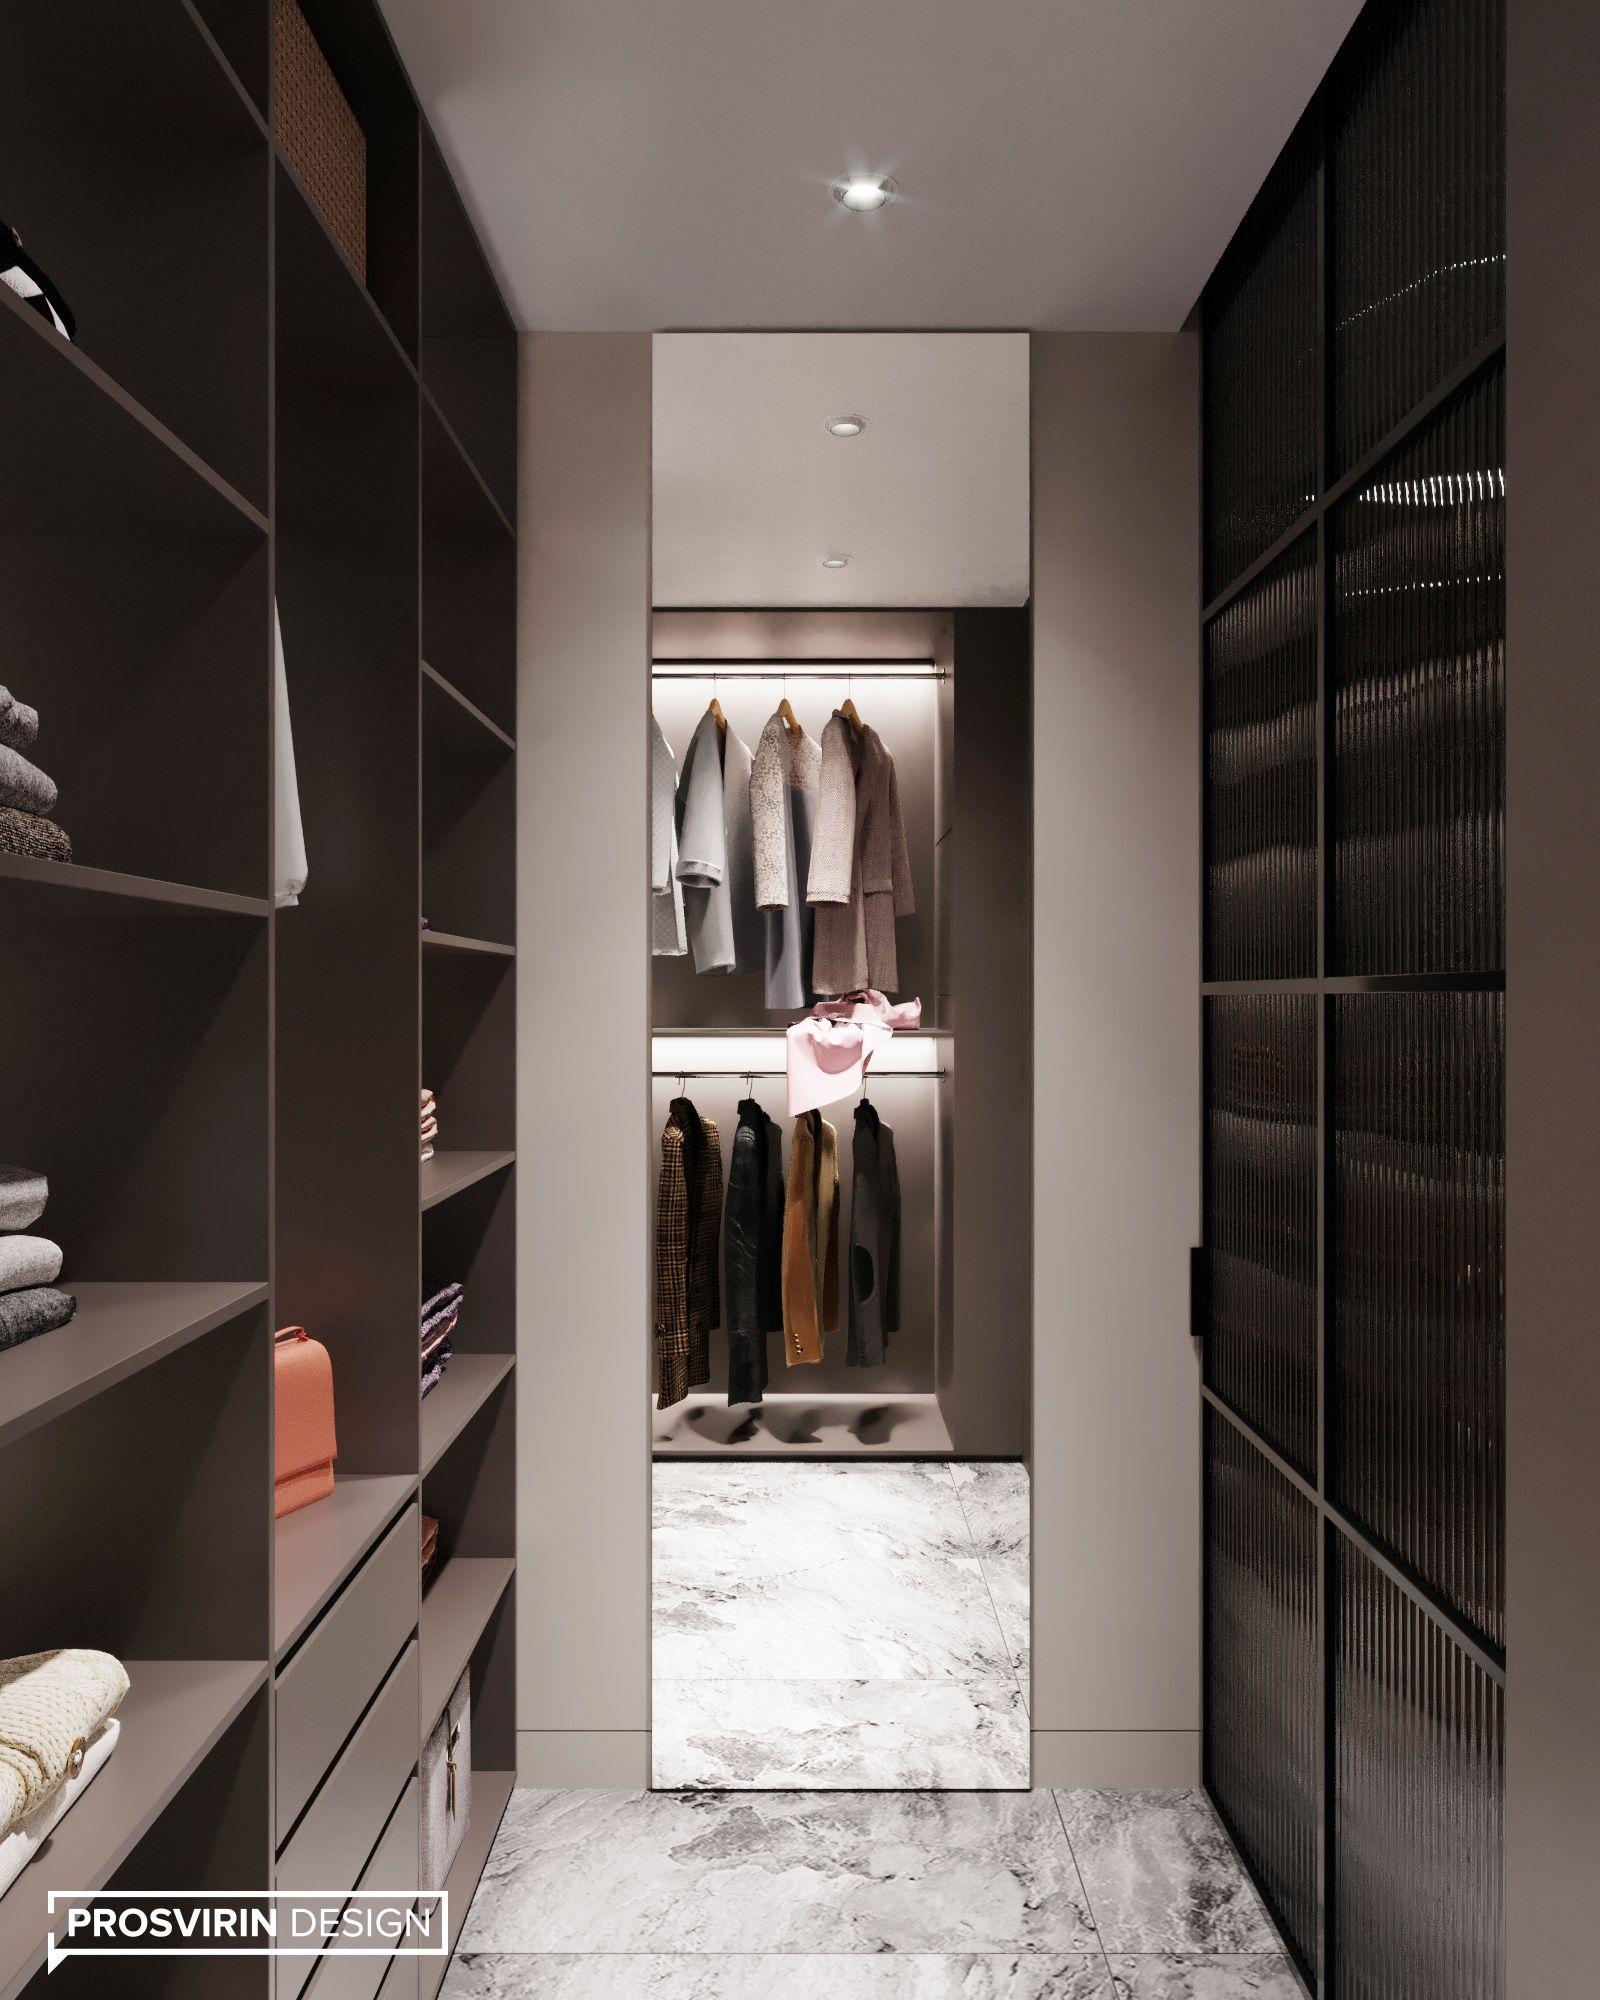 дизайн коридора с гардеробной в квартире фото фотографиях отображены полный